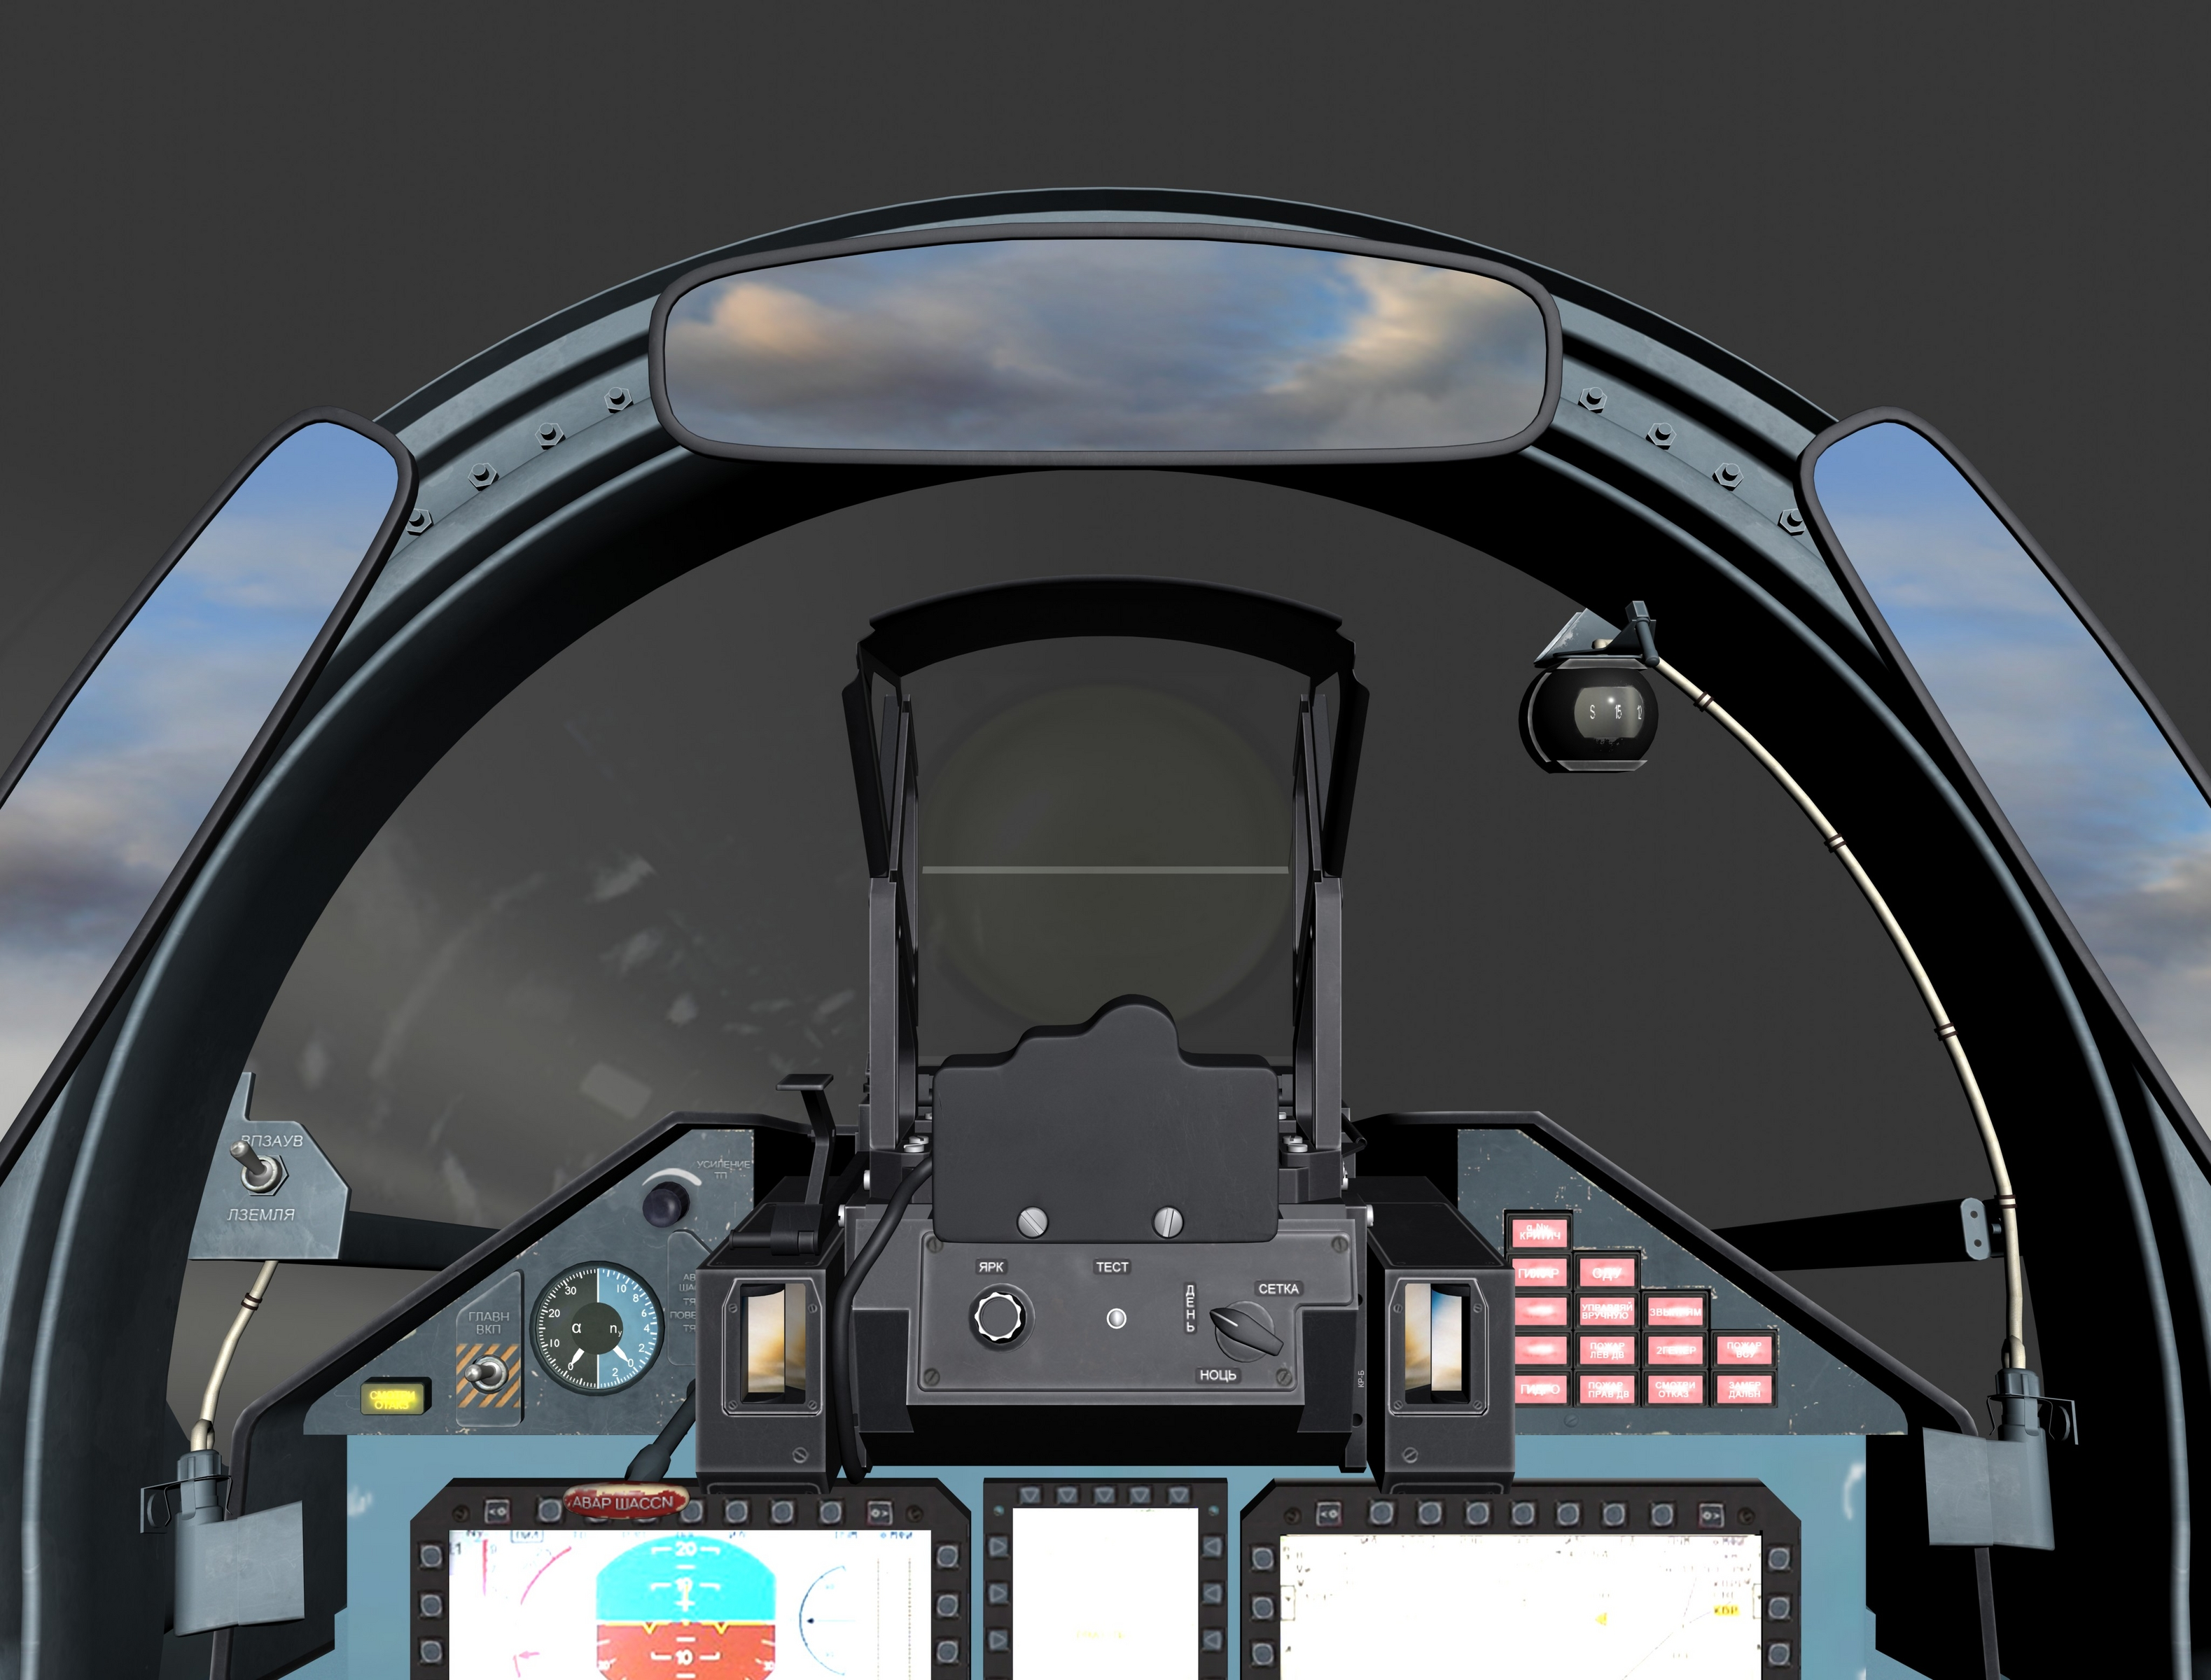 flanker cockpit Rendering